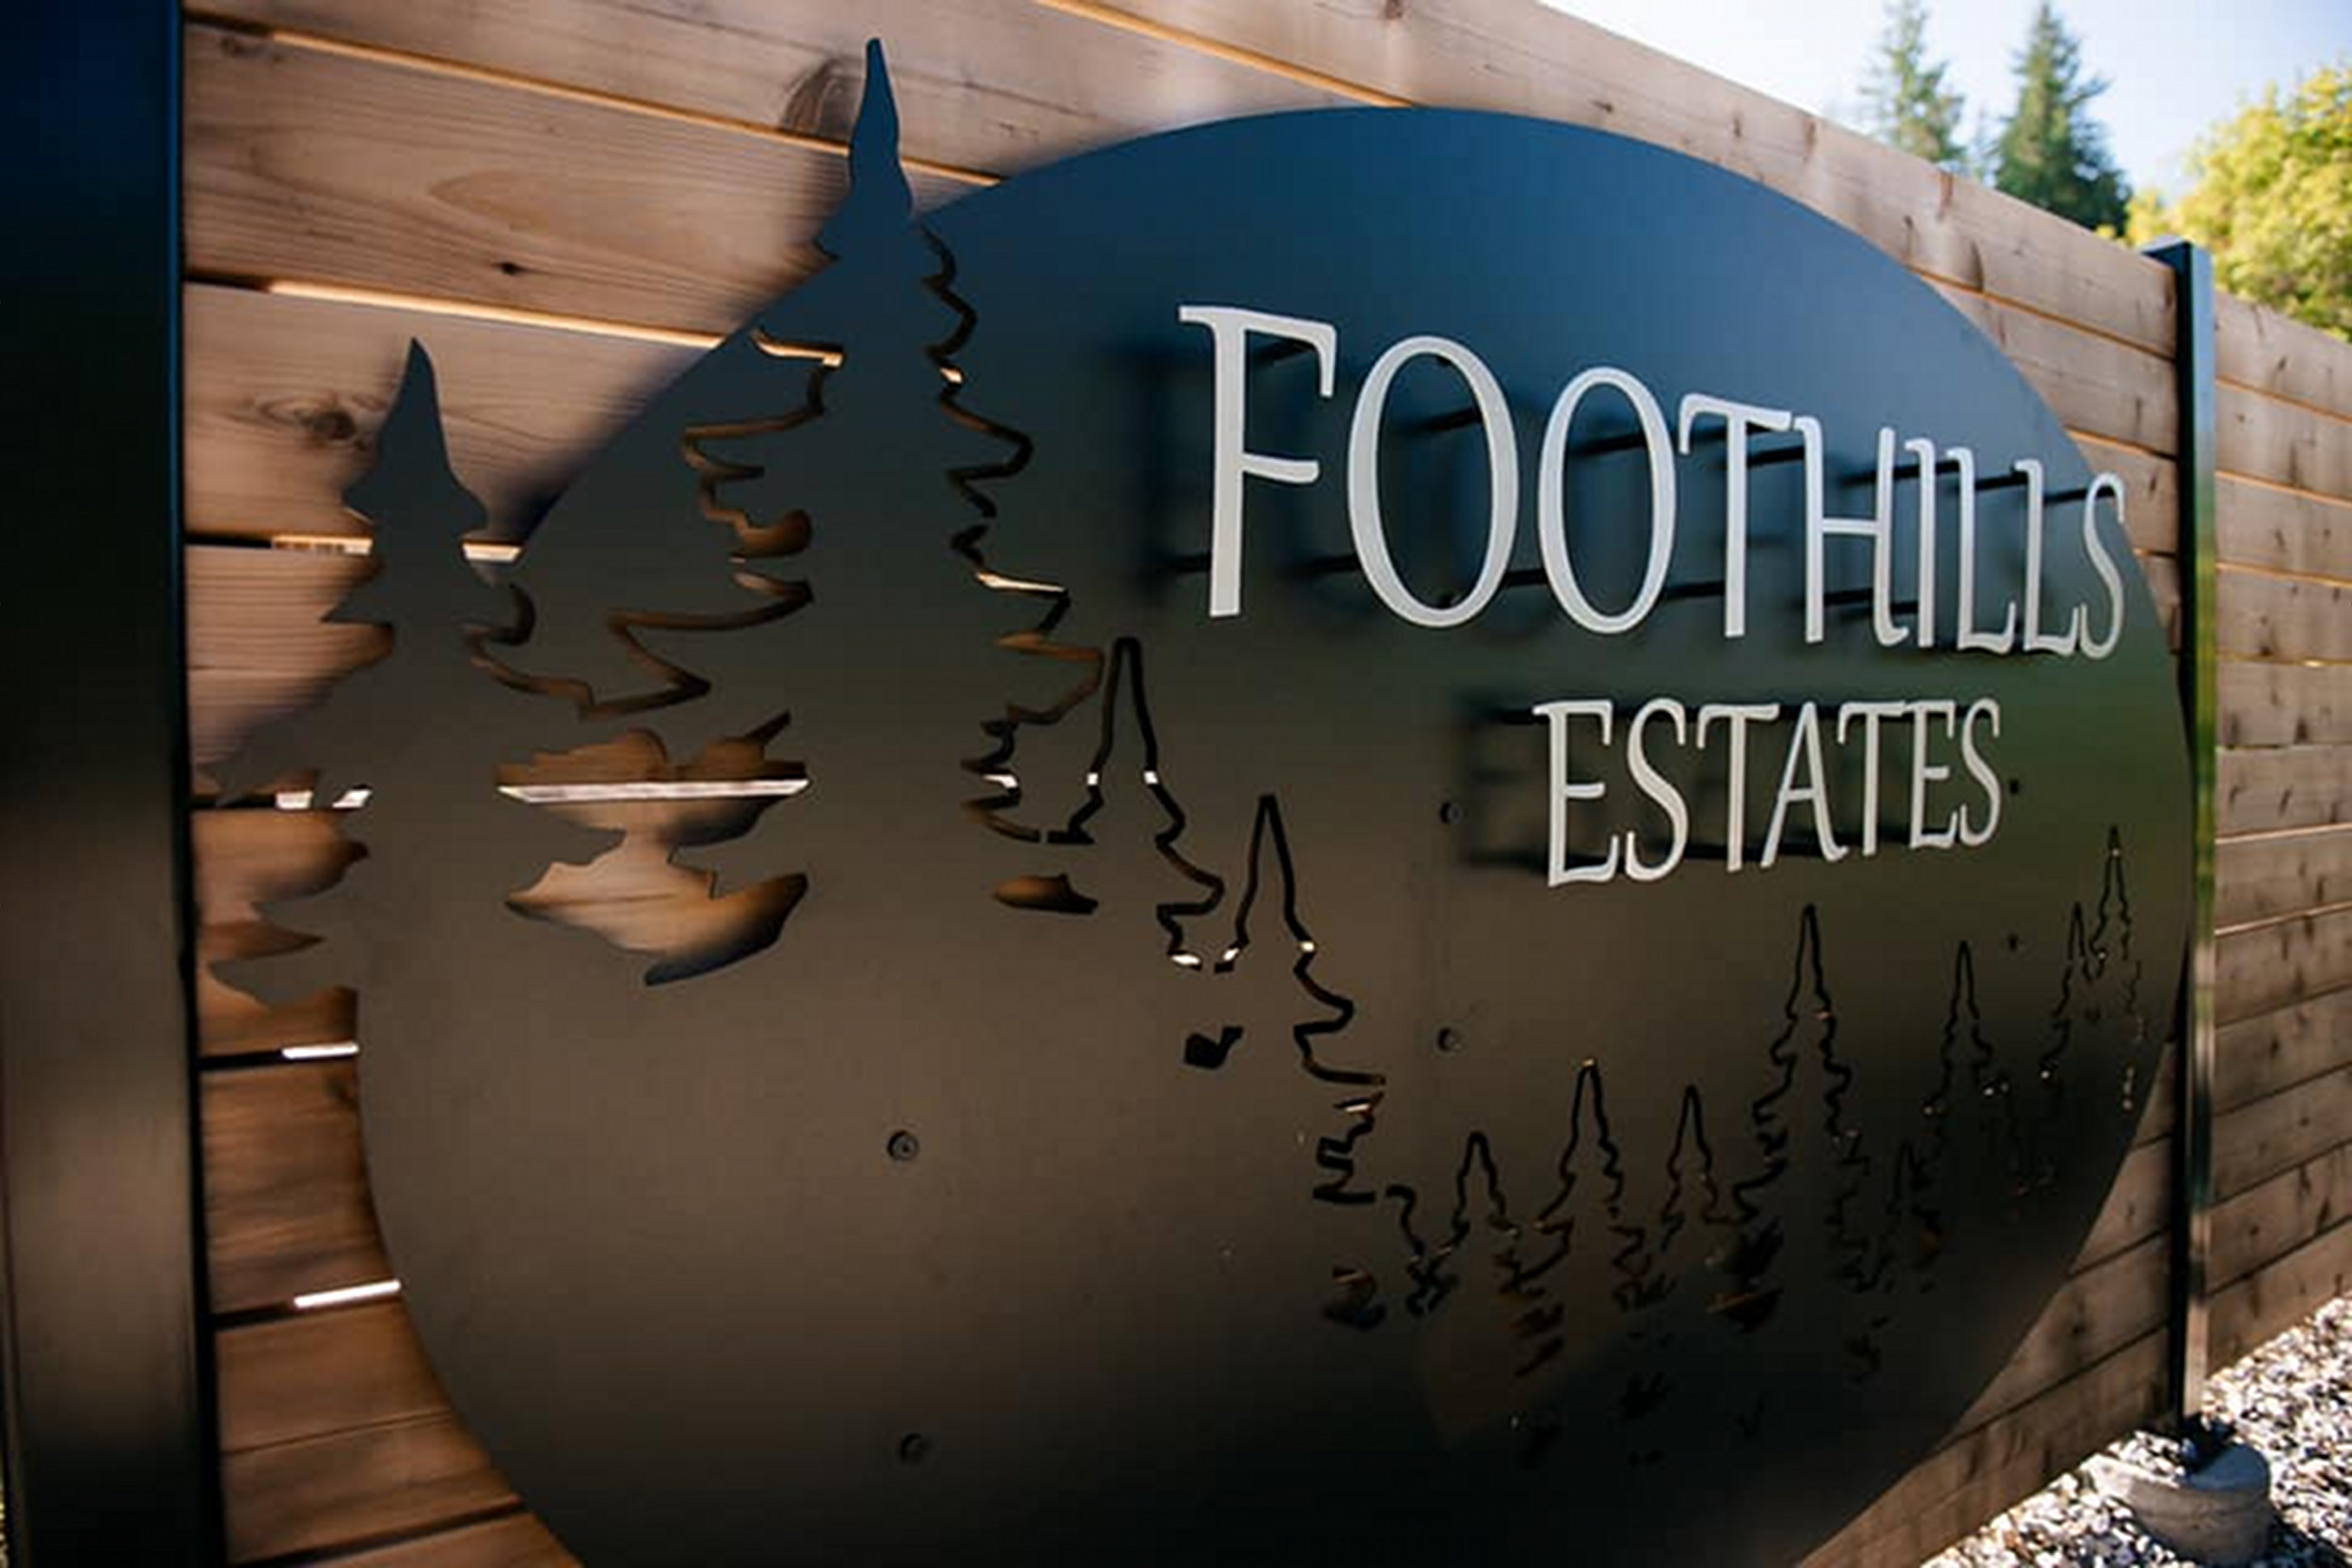 Foothill Estates, Salmon Arm